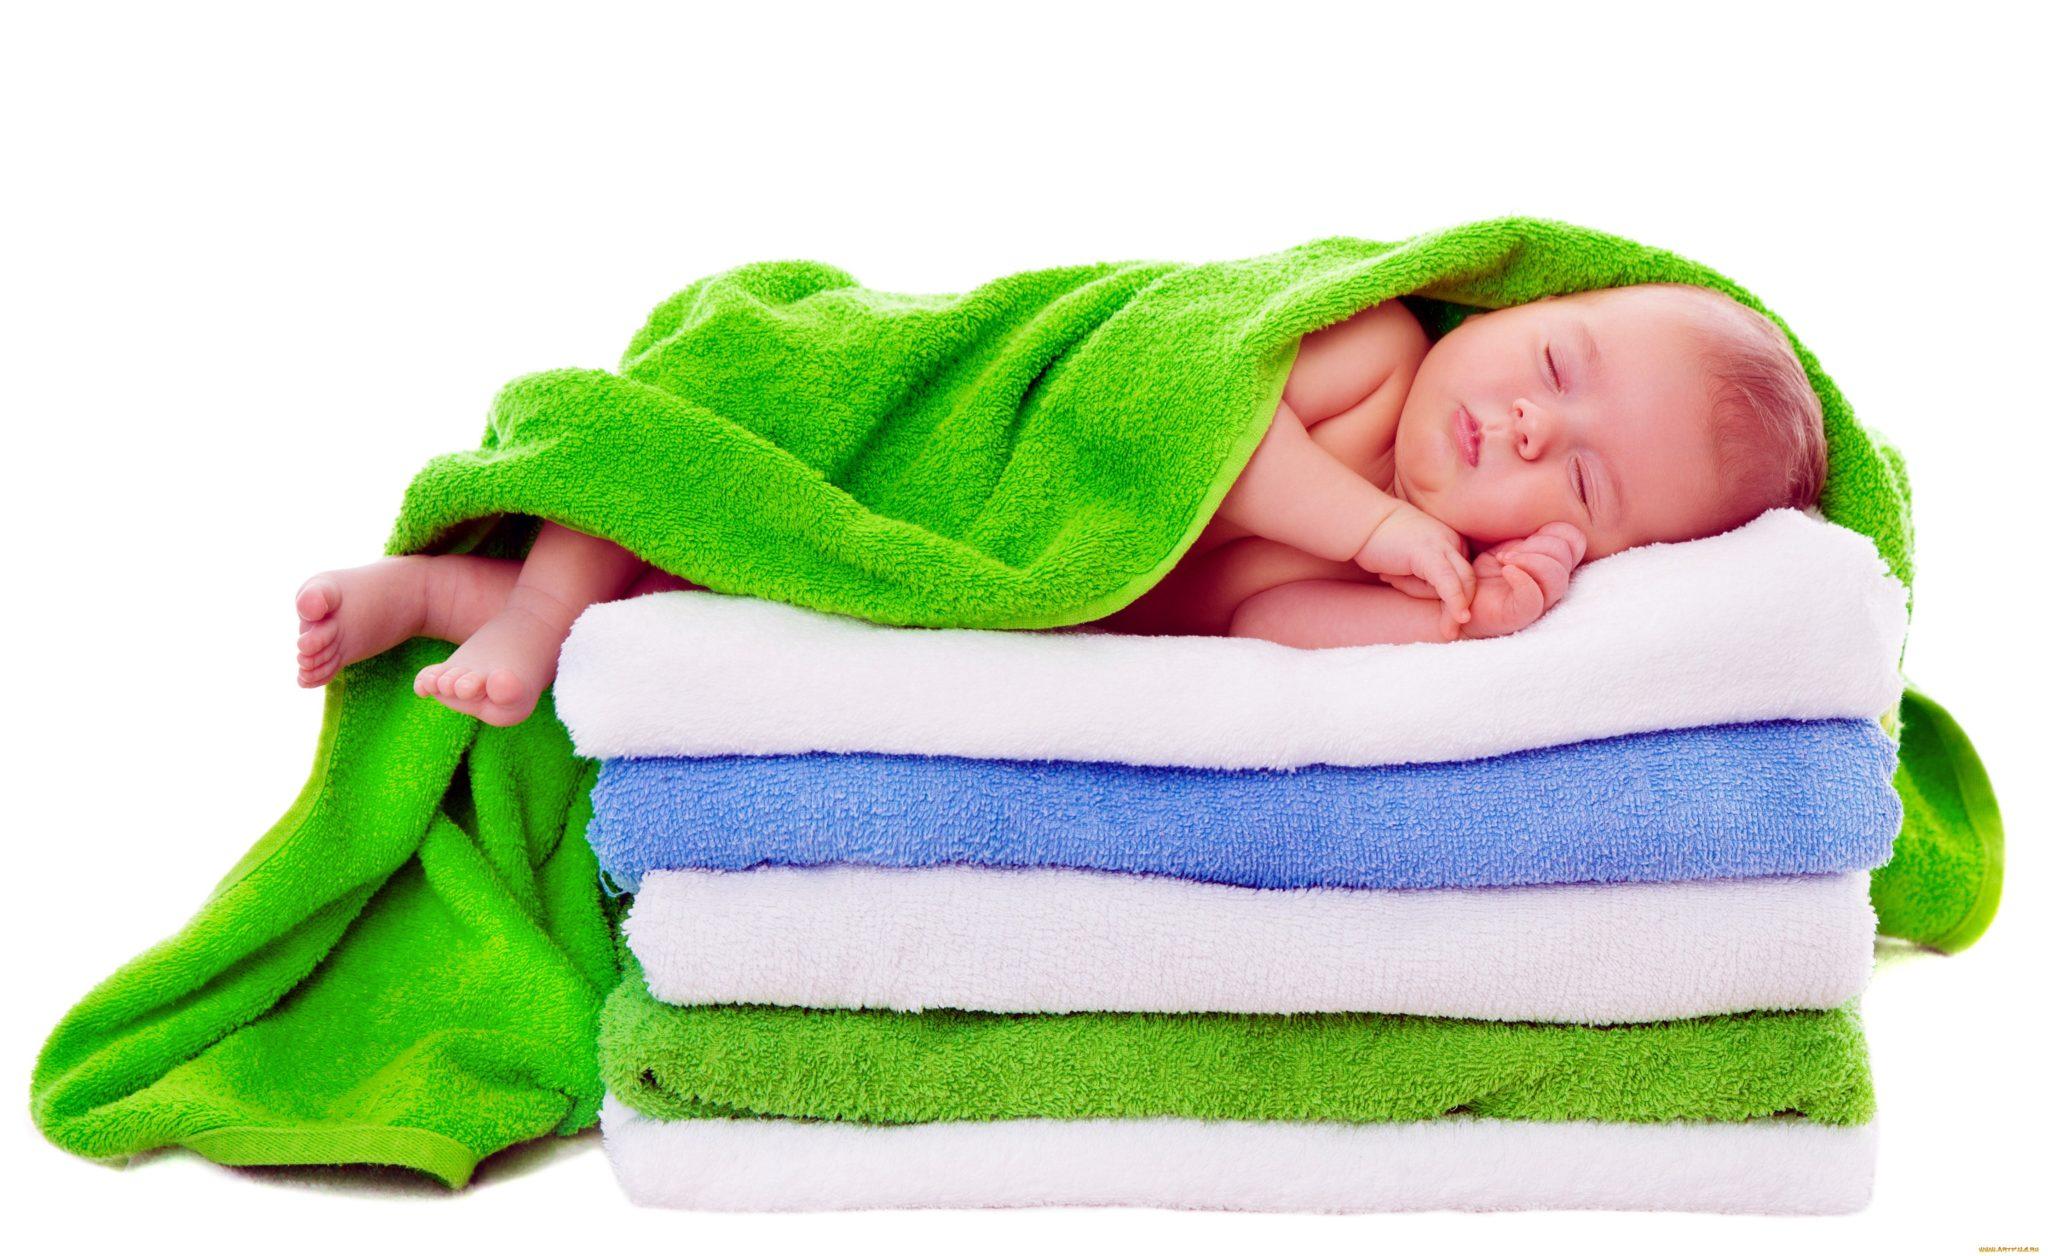 купить мягкие полотенца